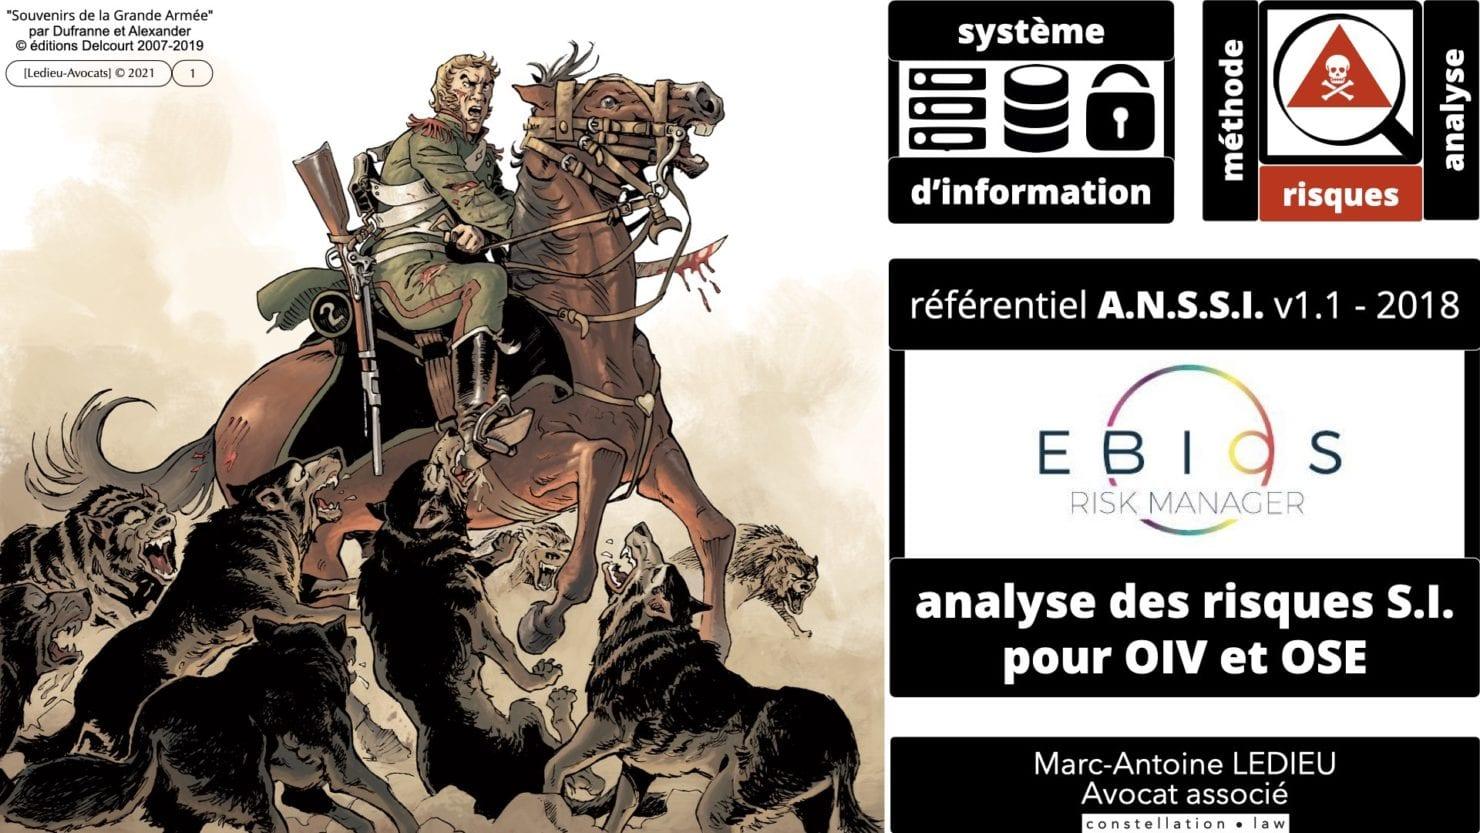 OIV OSE analyse de risque EBIOS Risk Manager